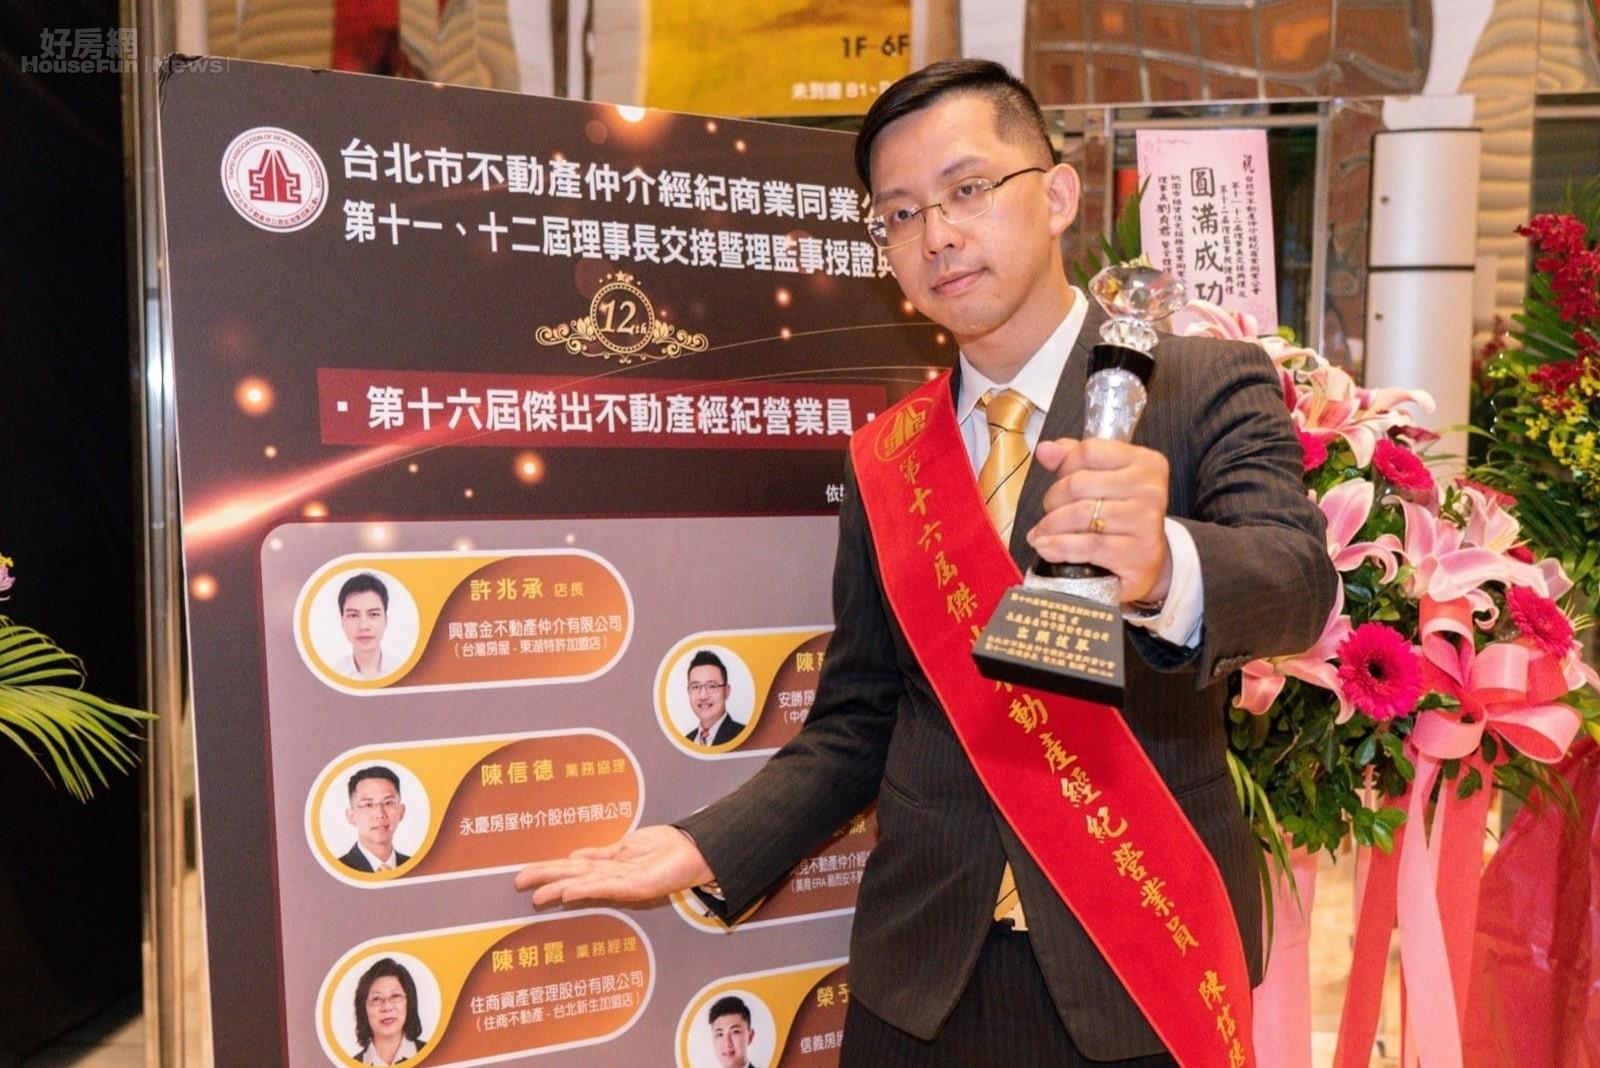 永慶房屋陳信德自創「311服務法」,以專業和實際行動獲得客戶信任。圖/永慶房屋提供